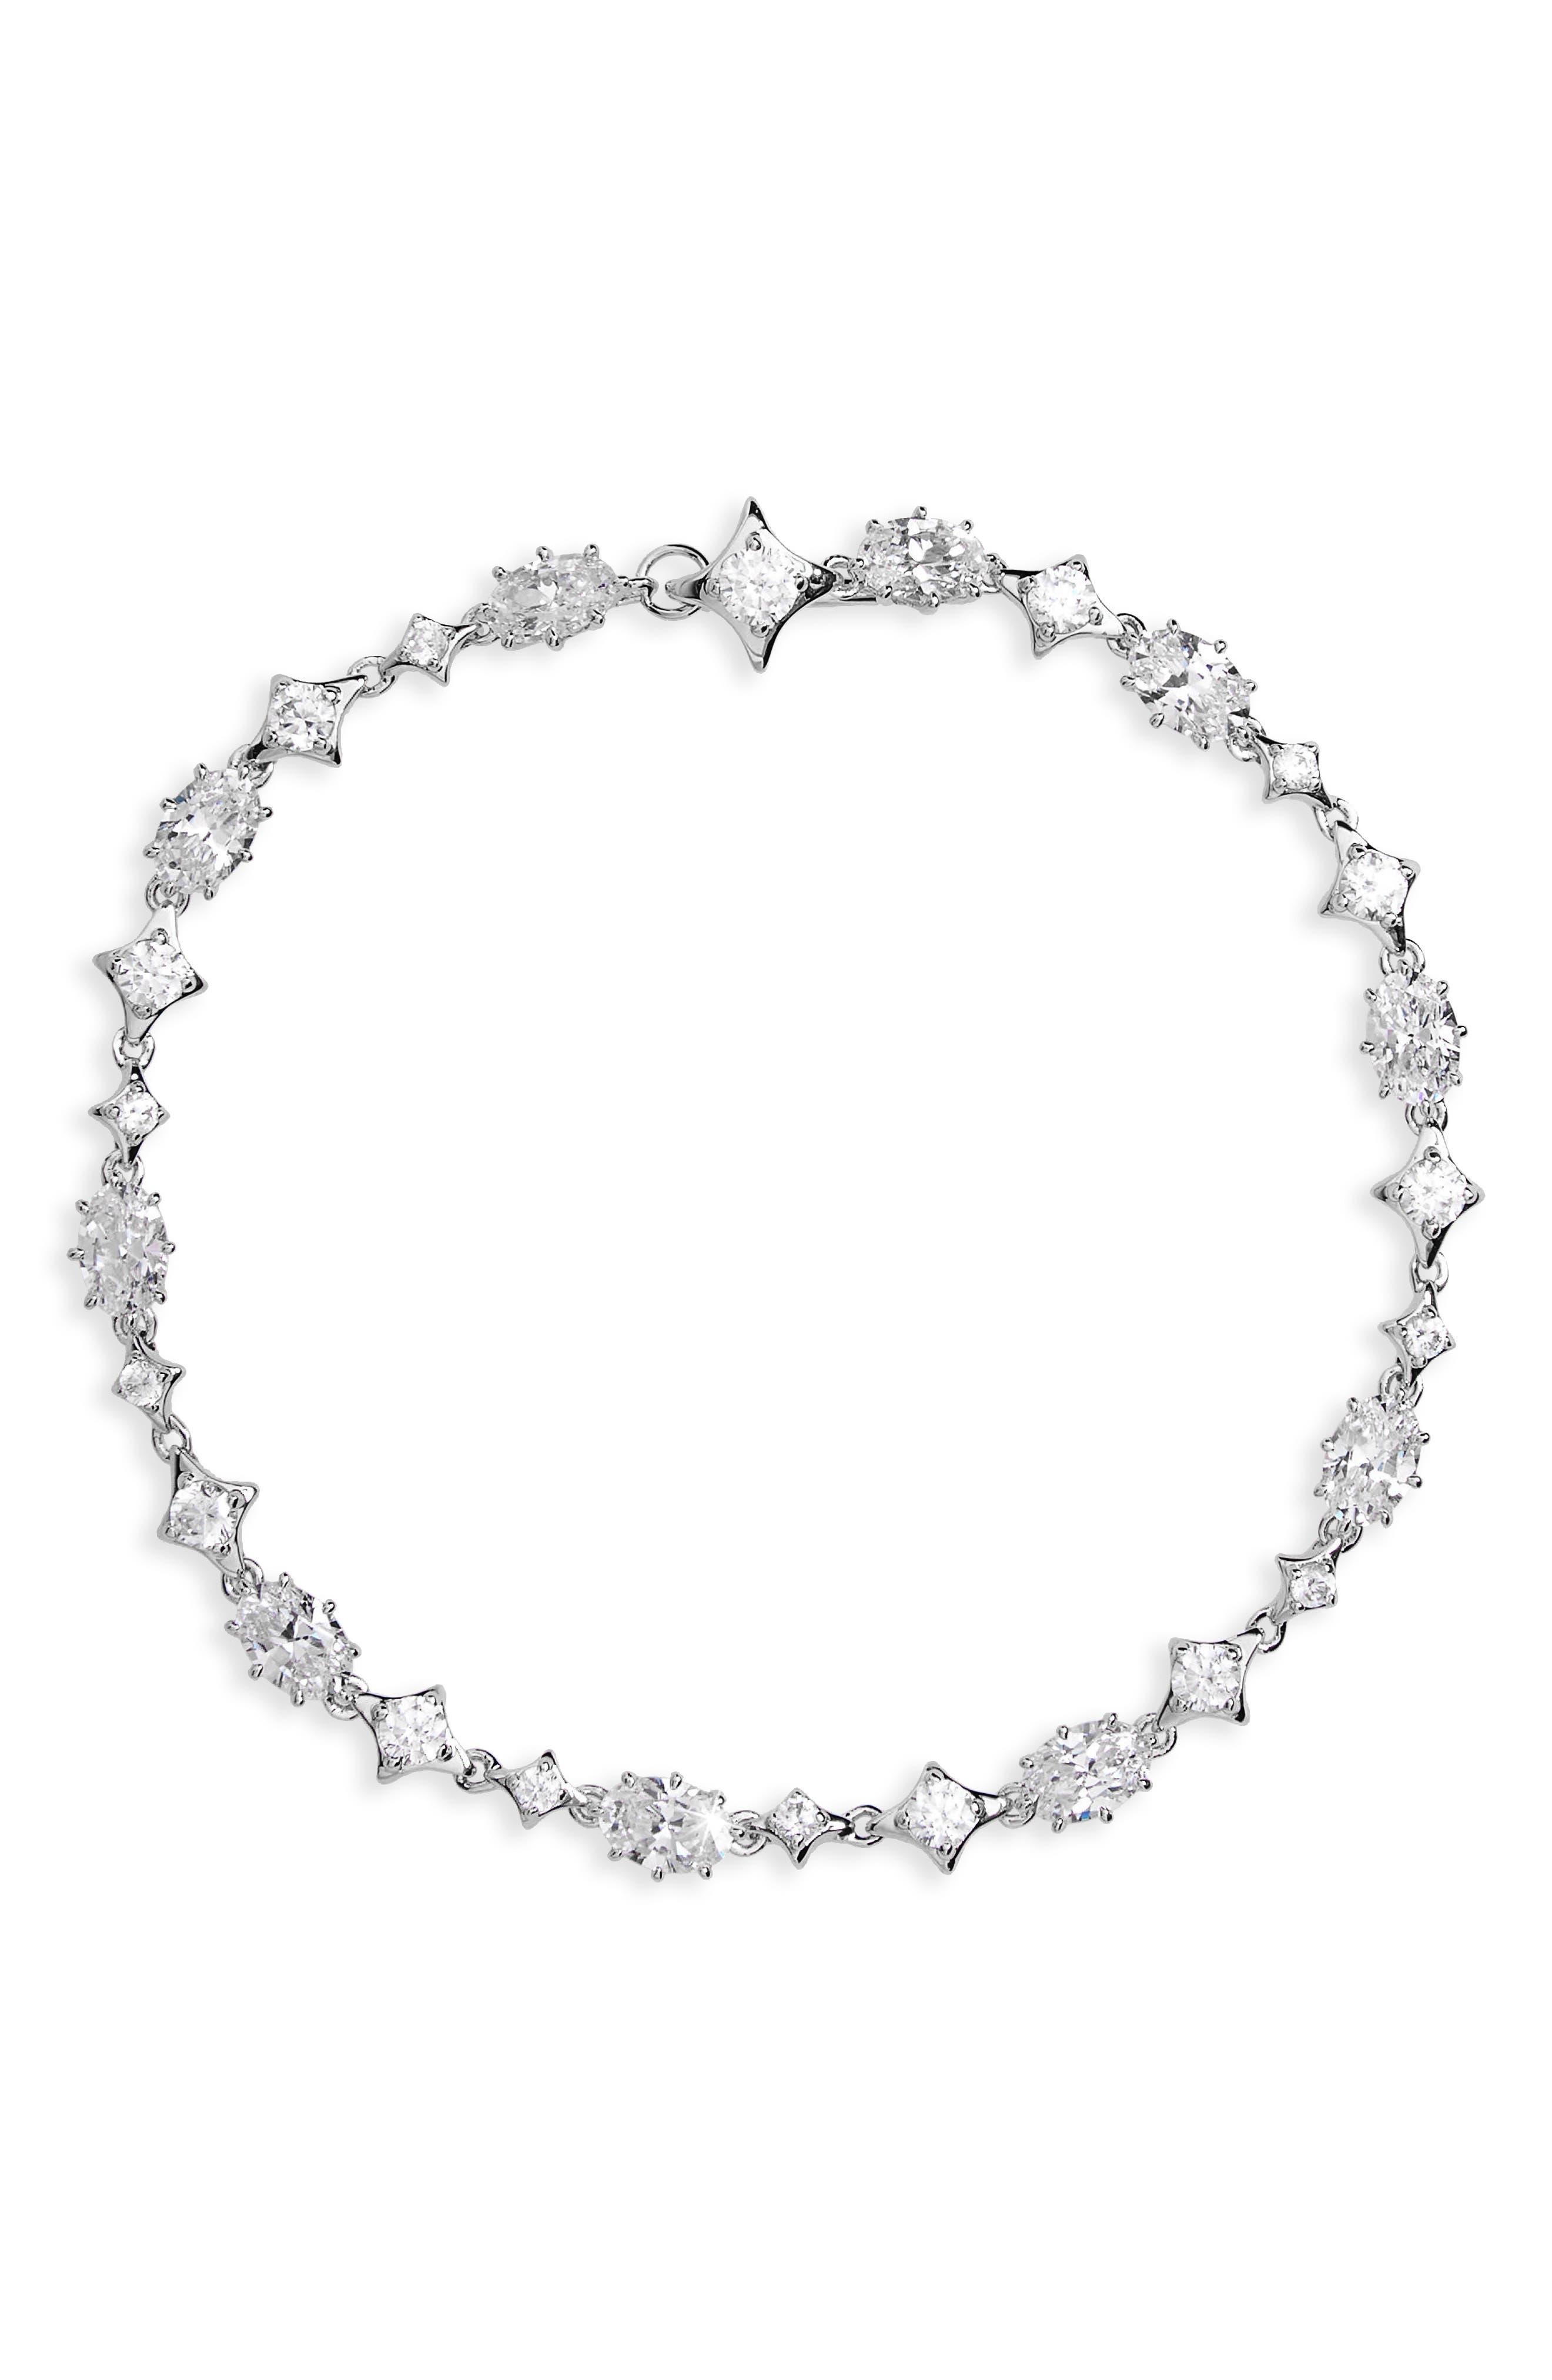 Boho Sparkle Bracelet,                             Main thumbnail 1, color,                             Silver/ Clear